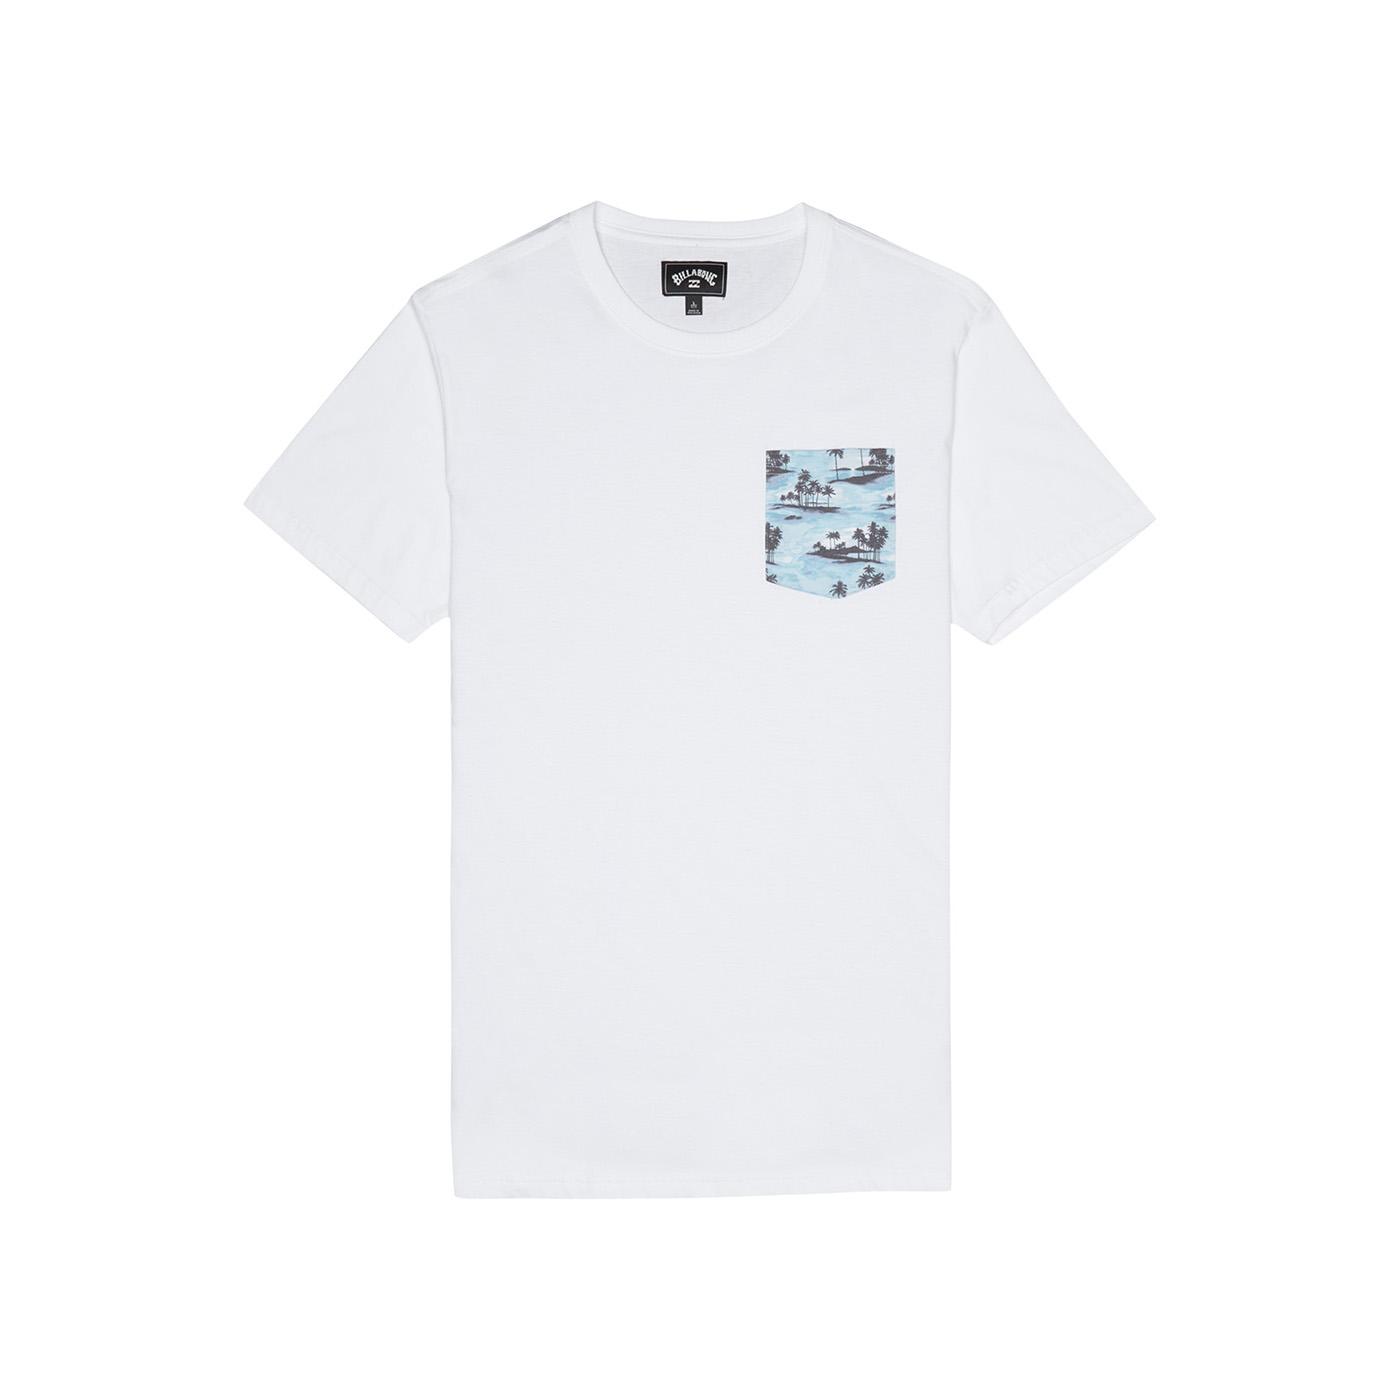 Billabong Allday Printed Crew Erkek T-shirt